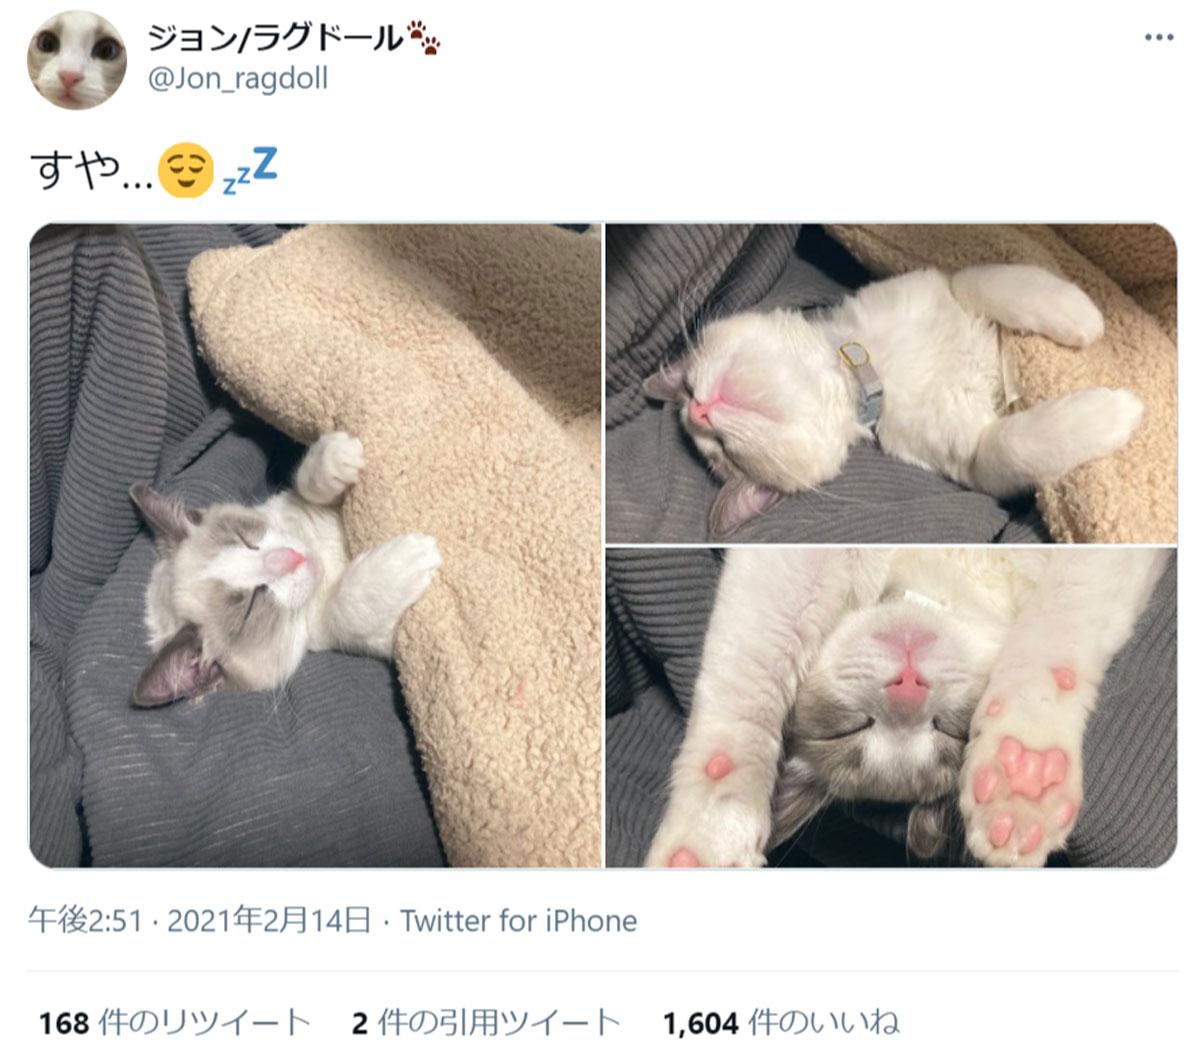 スヤア…… 肉球丸見えの子猫の寝姿が尊すぎる件